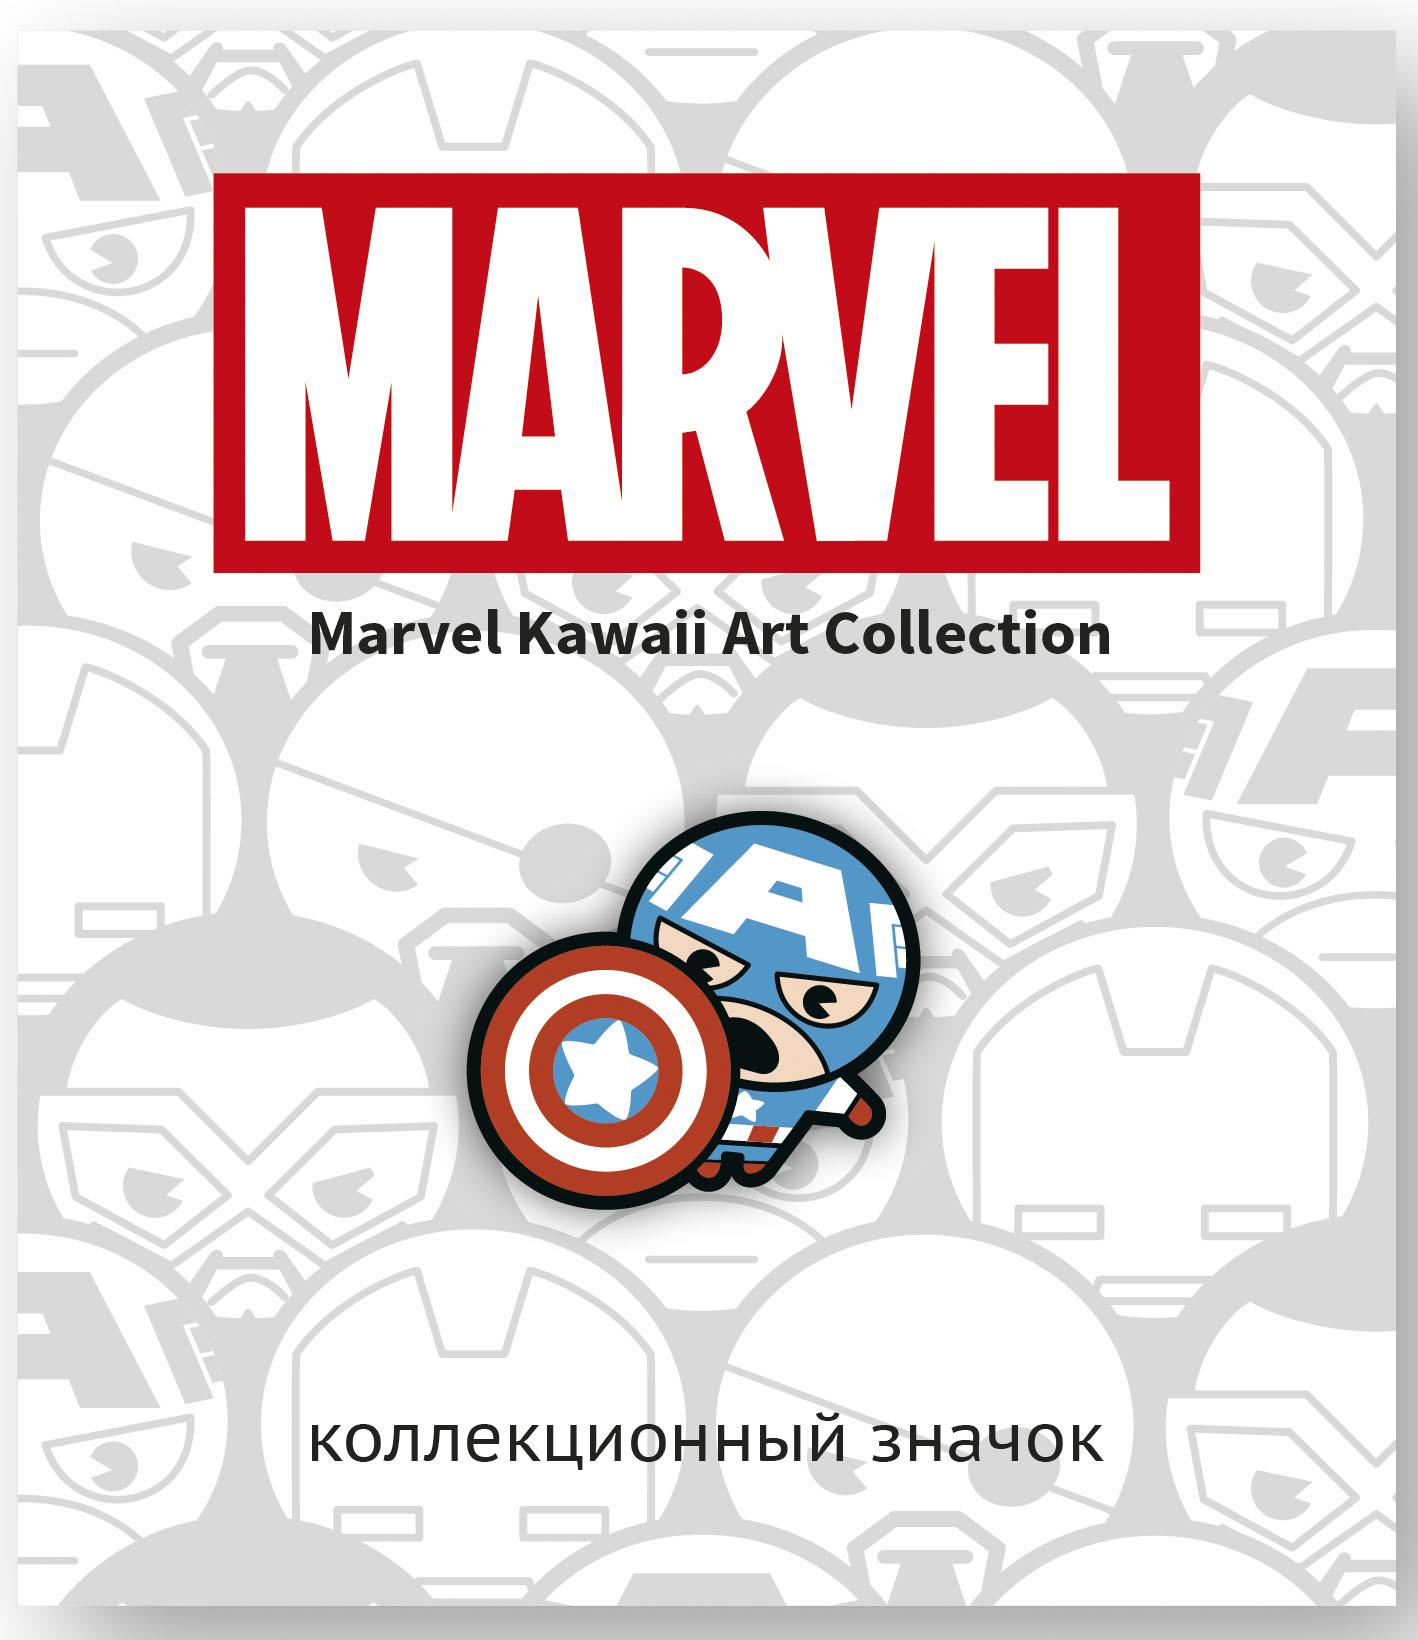 Значок деревянный Marvel Kawaii: Капитан Америка белинг стив мстители финал путь героев ангельский пират говорящее дерево и капитан кролик